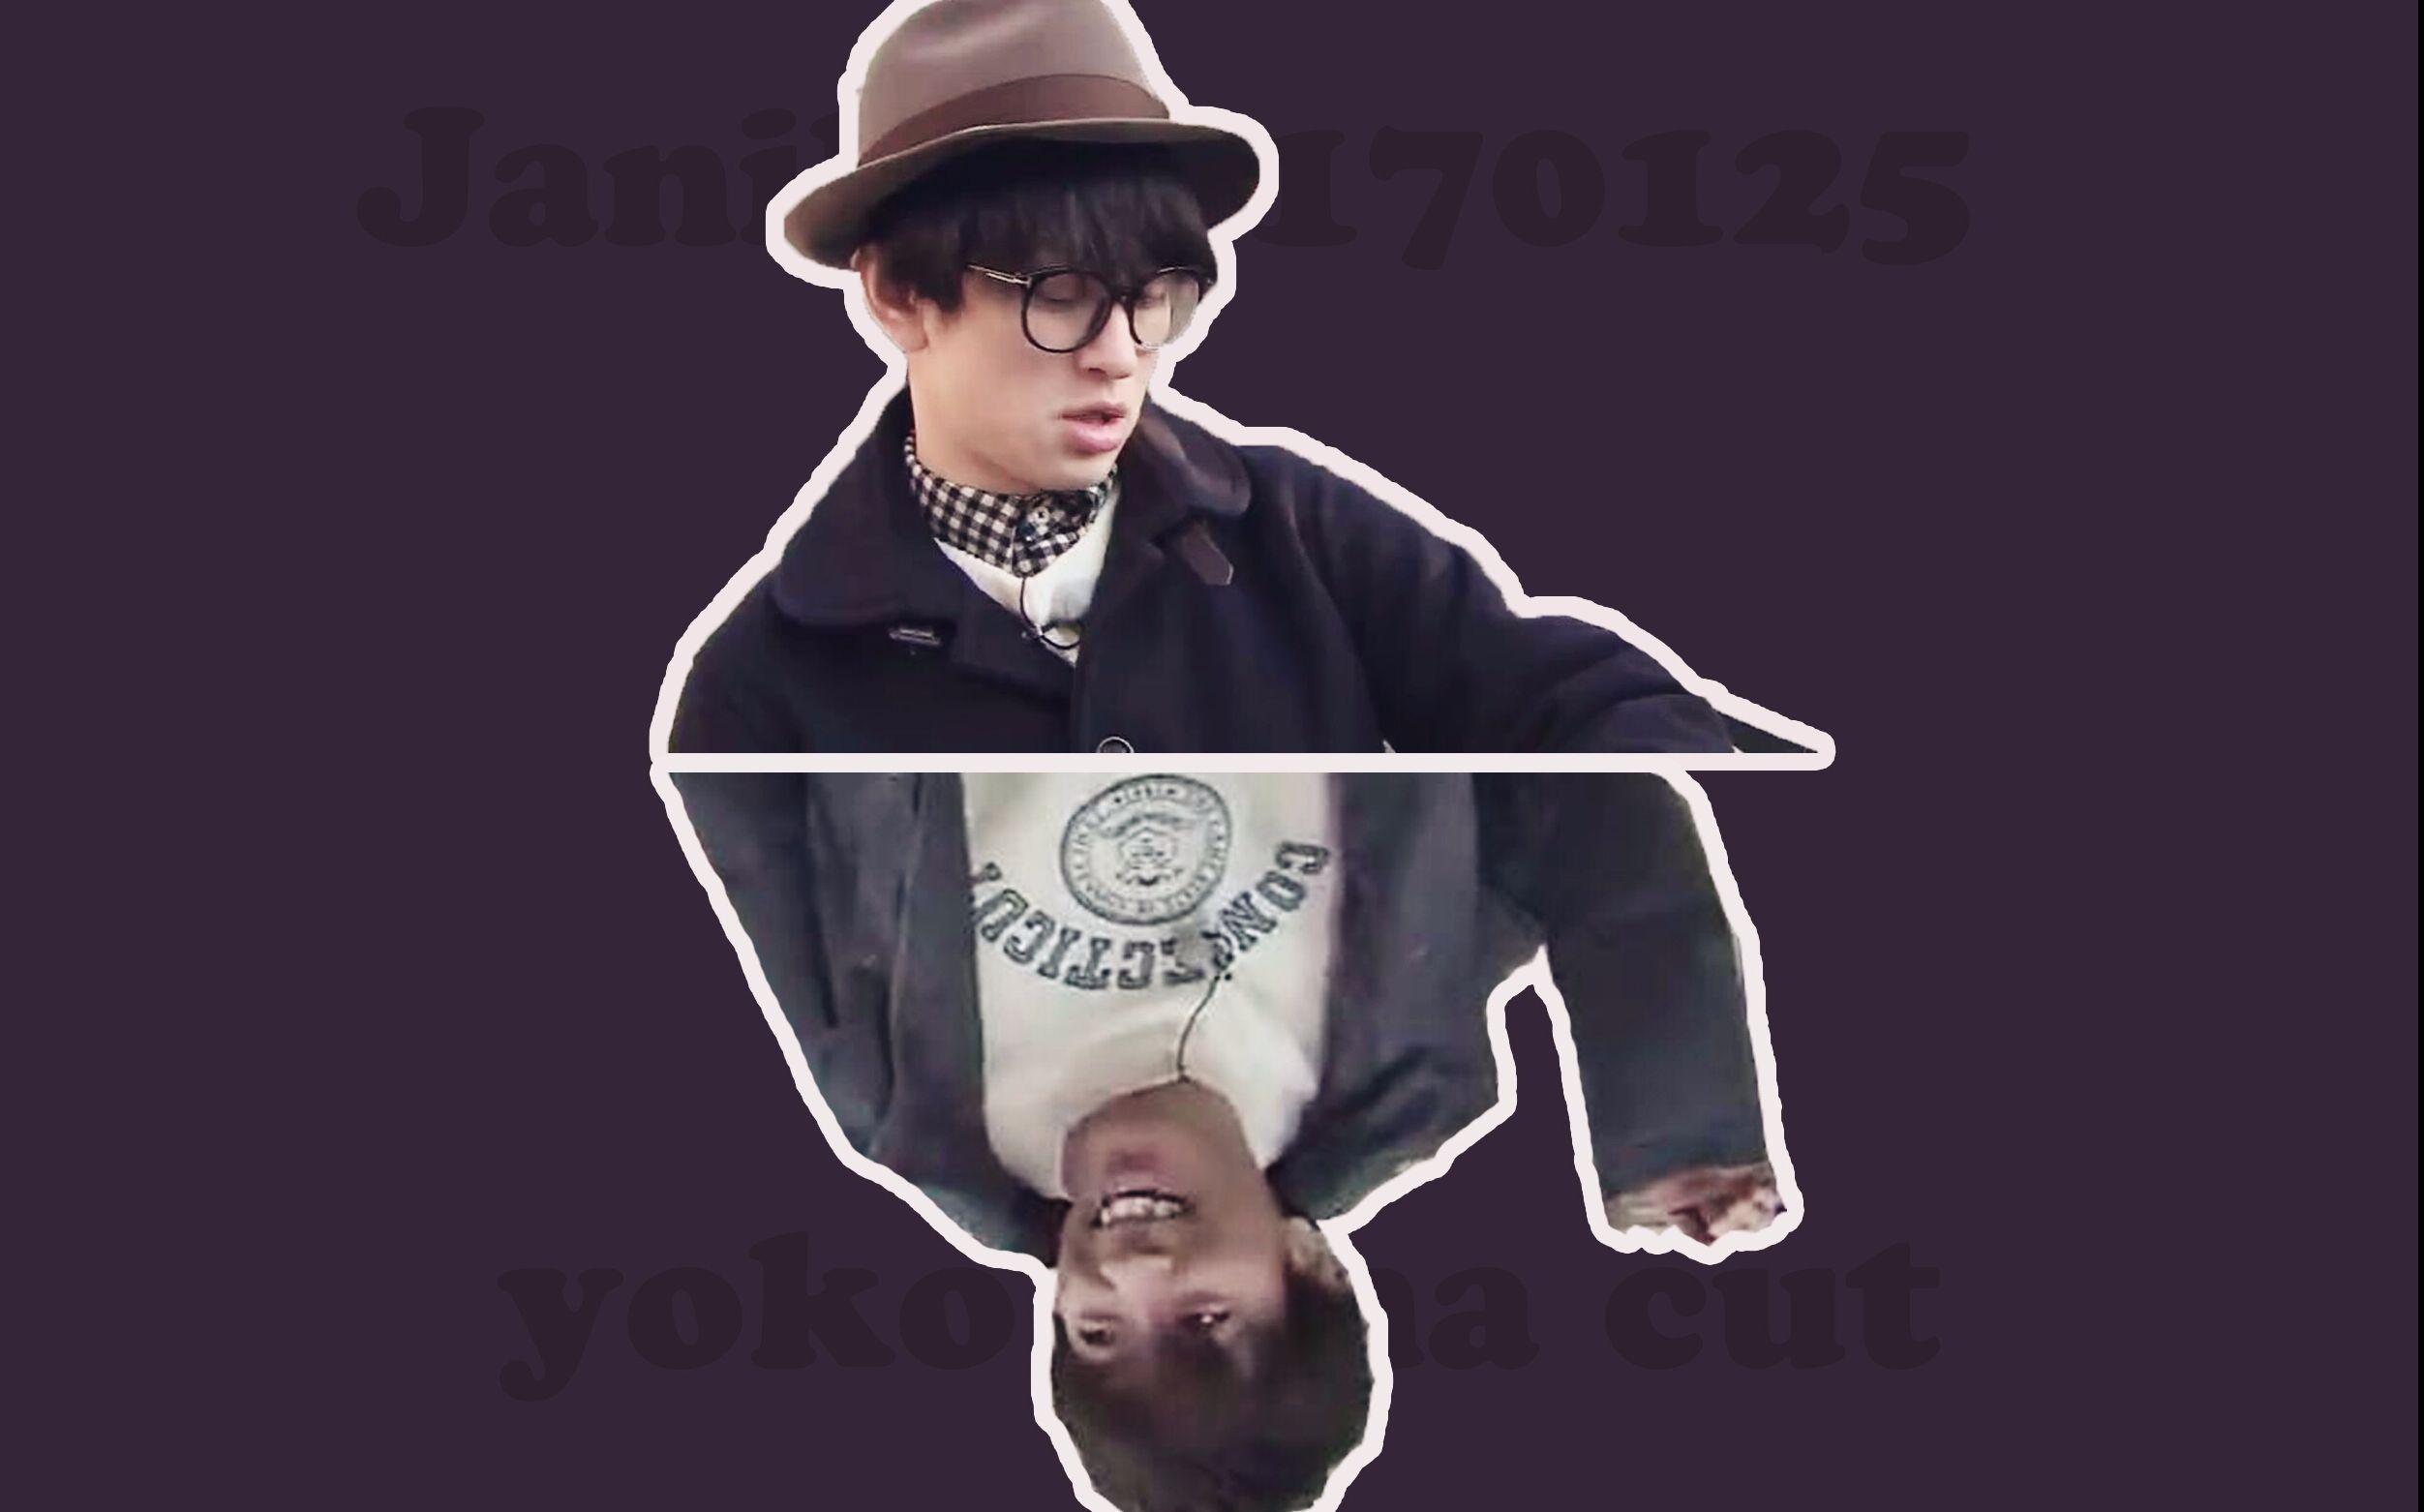 【章鱼烧字幕组】JANIBEN 170125 2/∞ 横雏cut